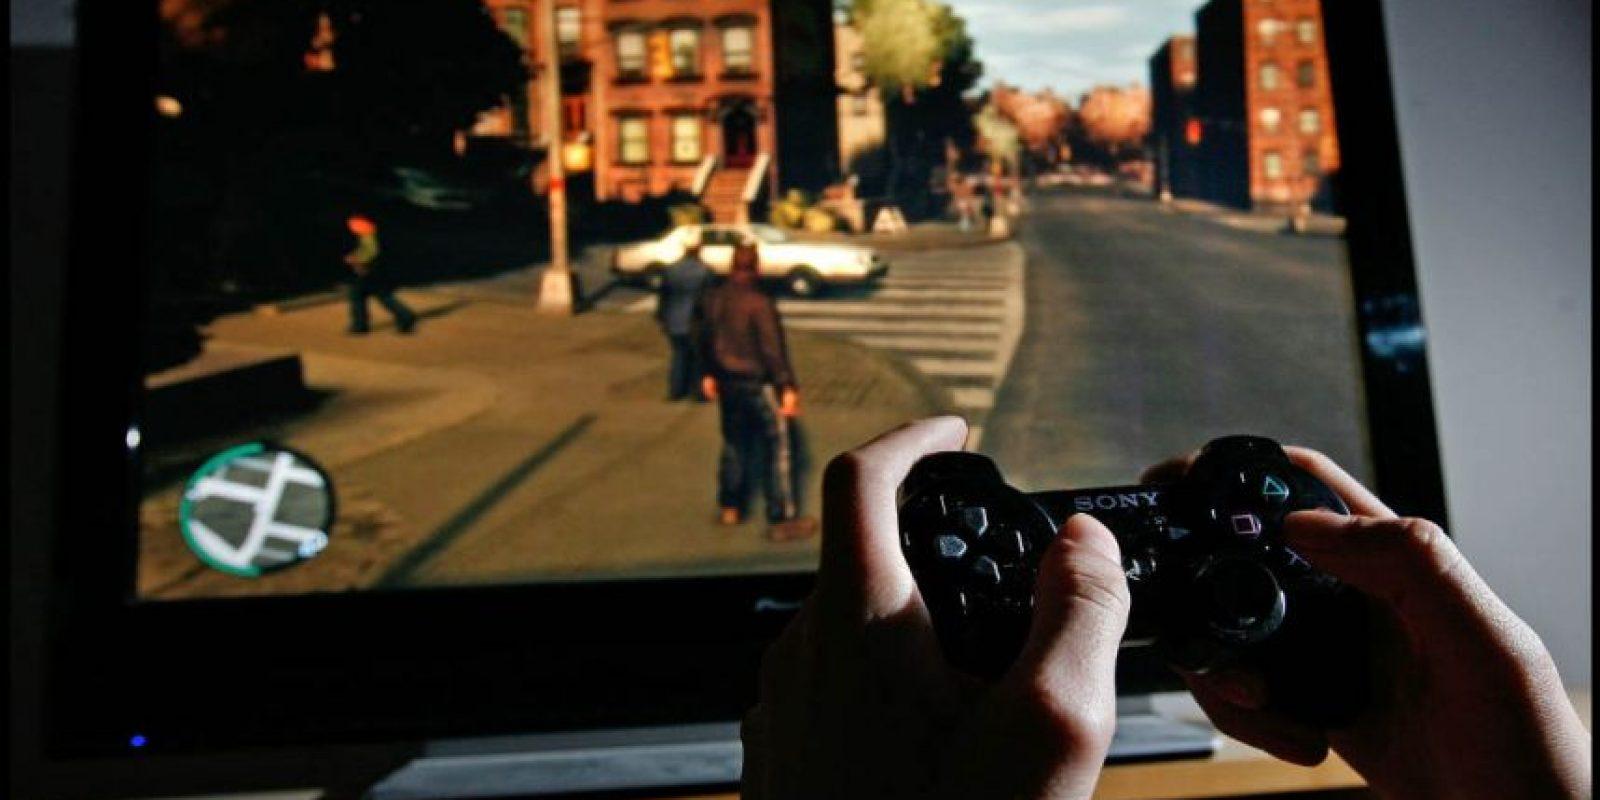 Su primera versión fue incluso más vendida que el Xbox 360. Foto:Getty Images